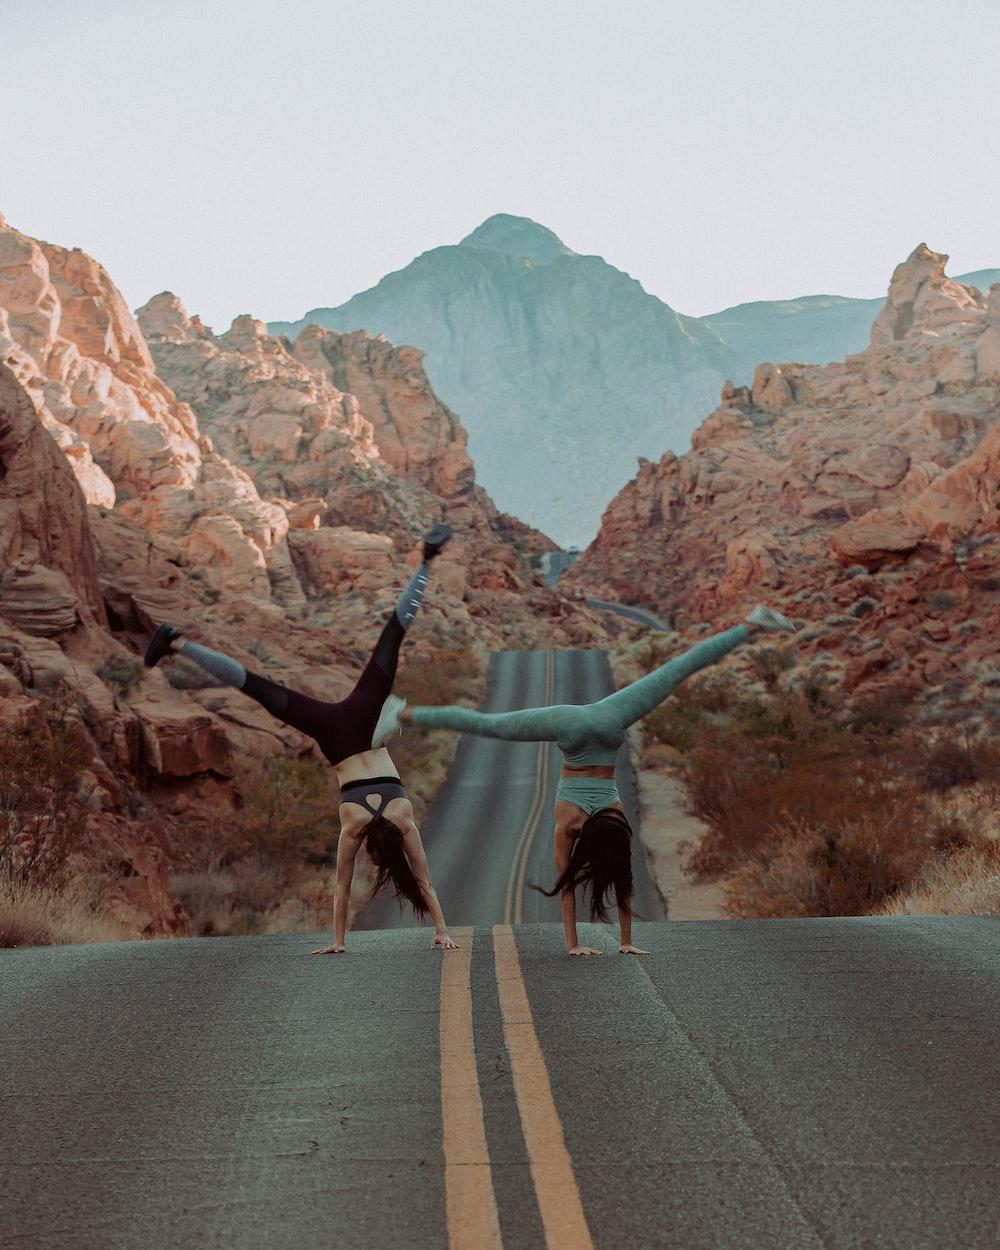 woman doing handstand on asphalt road